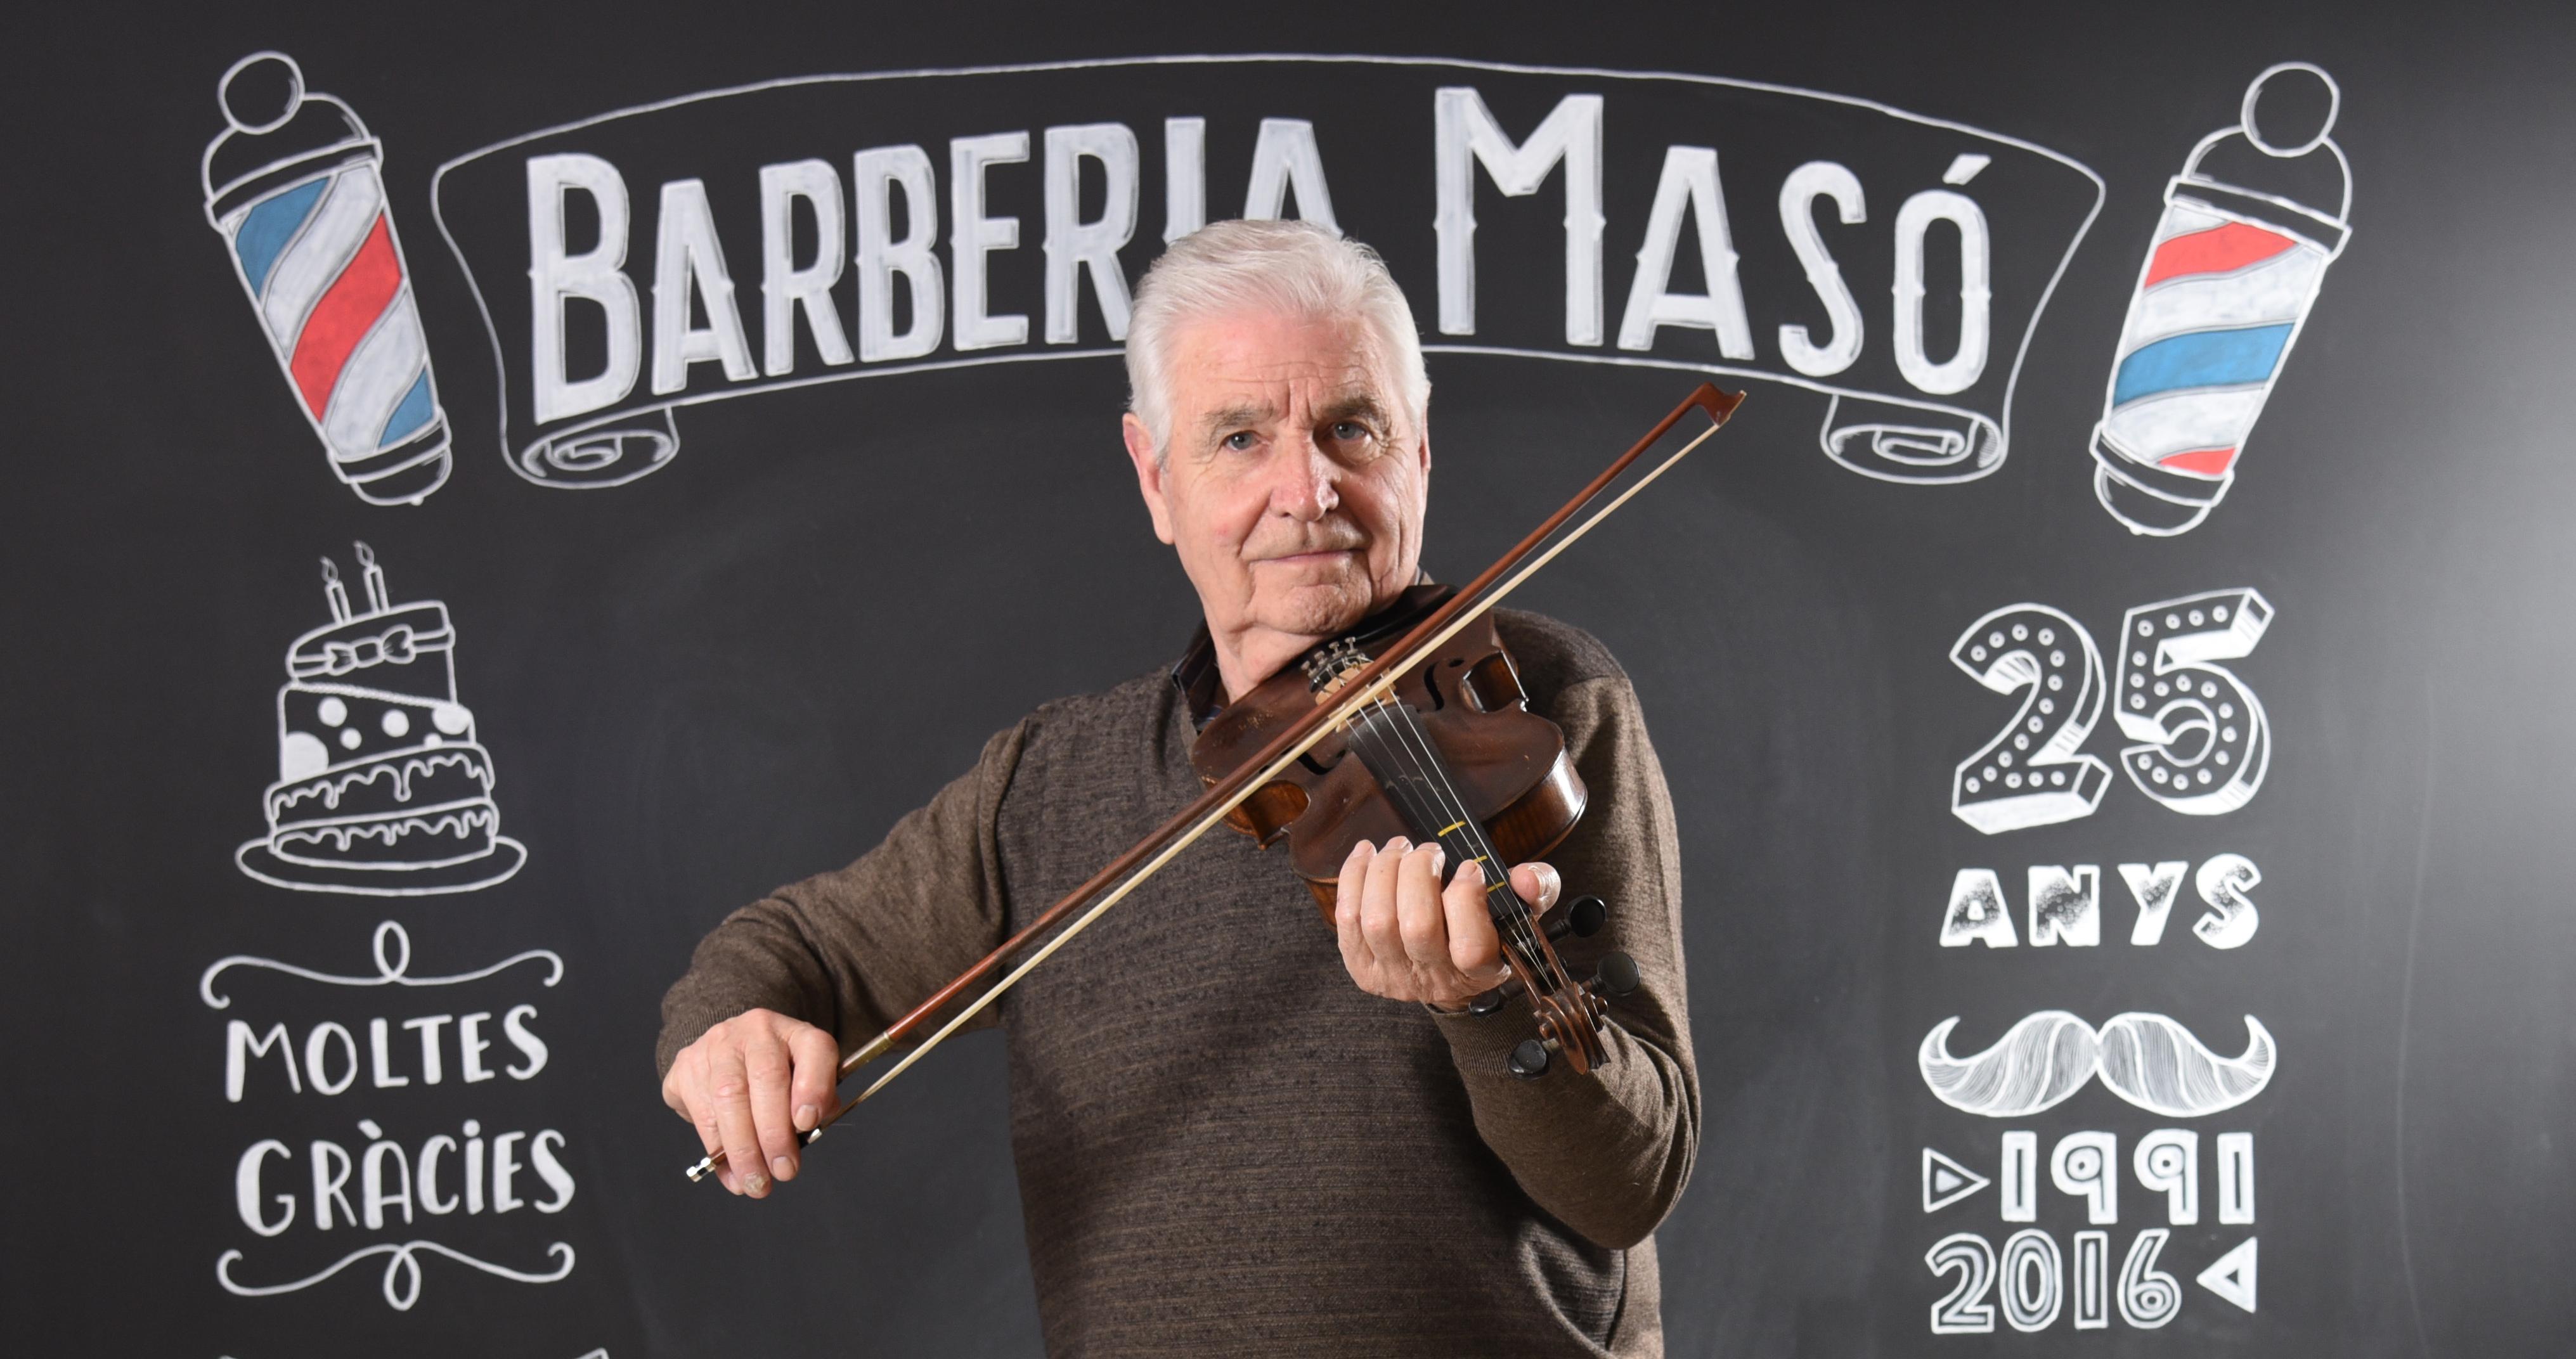 Miquel Tarres - barberia Masó 02